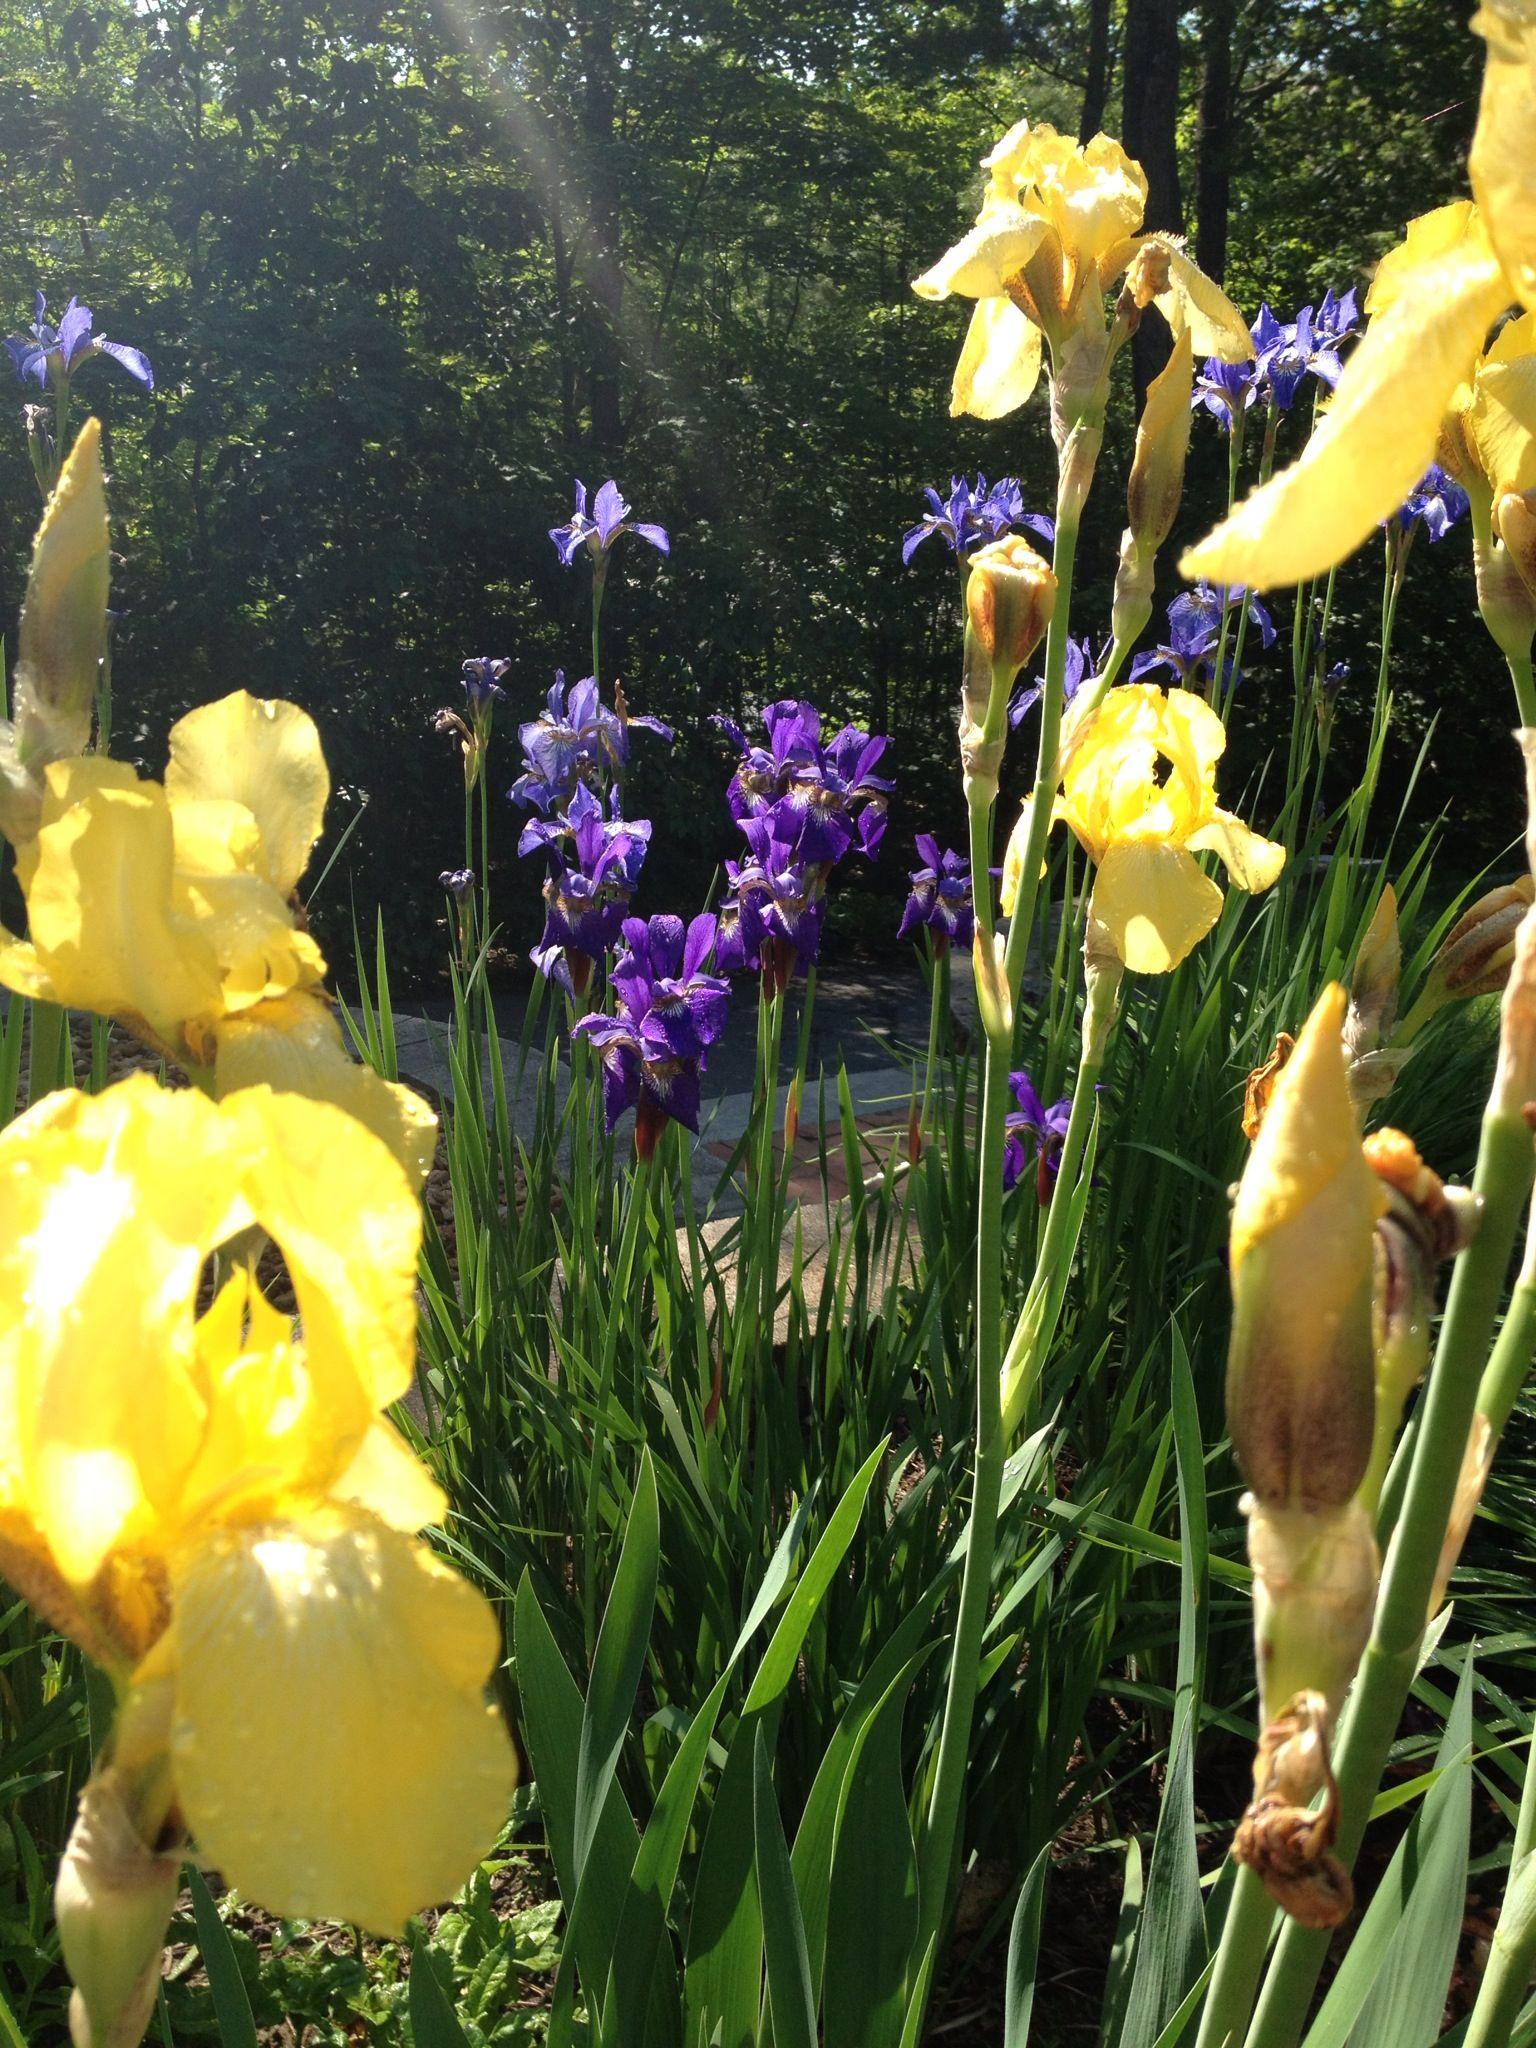 purple & yellow Iris in morning